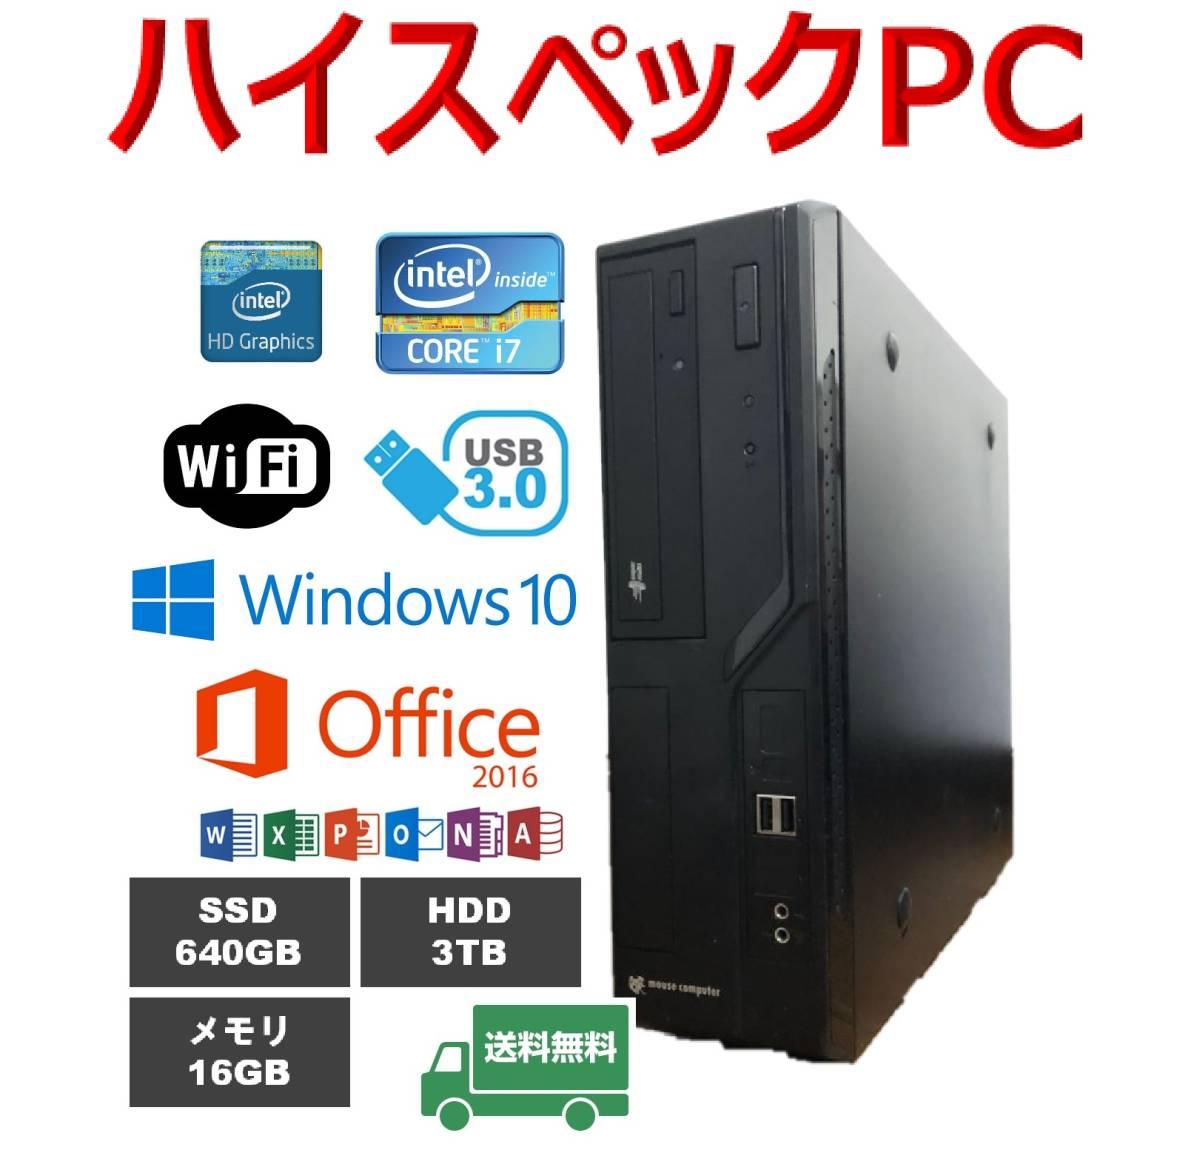 ★マウスコンピューター★究極 i7-4770 3.9GHz x 8★新品SSD640GB★HDD3TB★メモリ16GB★